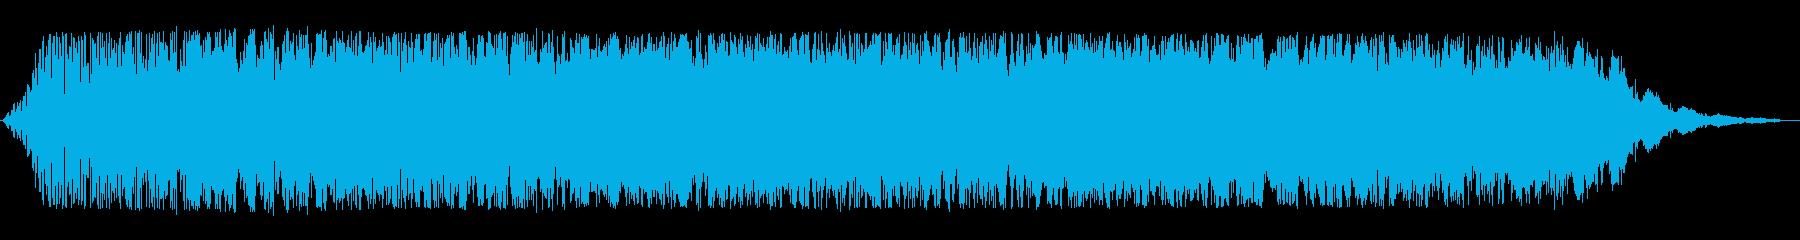 時空を超えてワープしてくるイメージ音の再生済みの波形